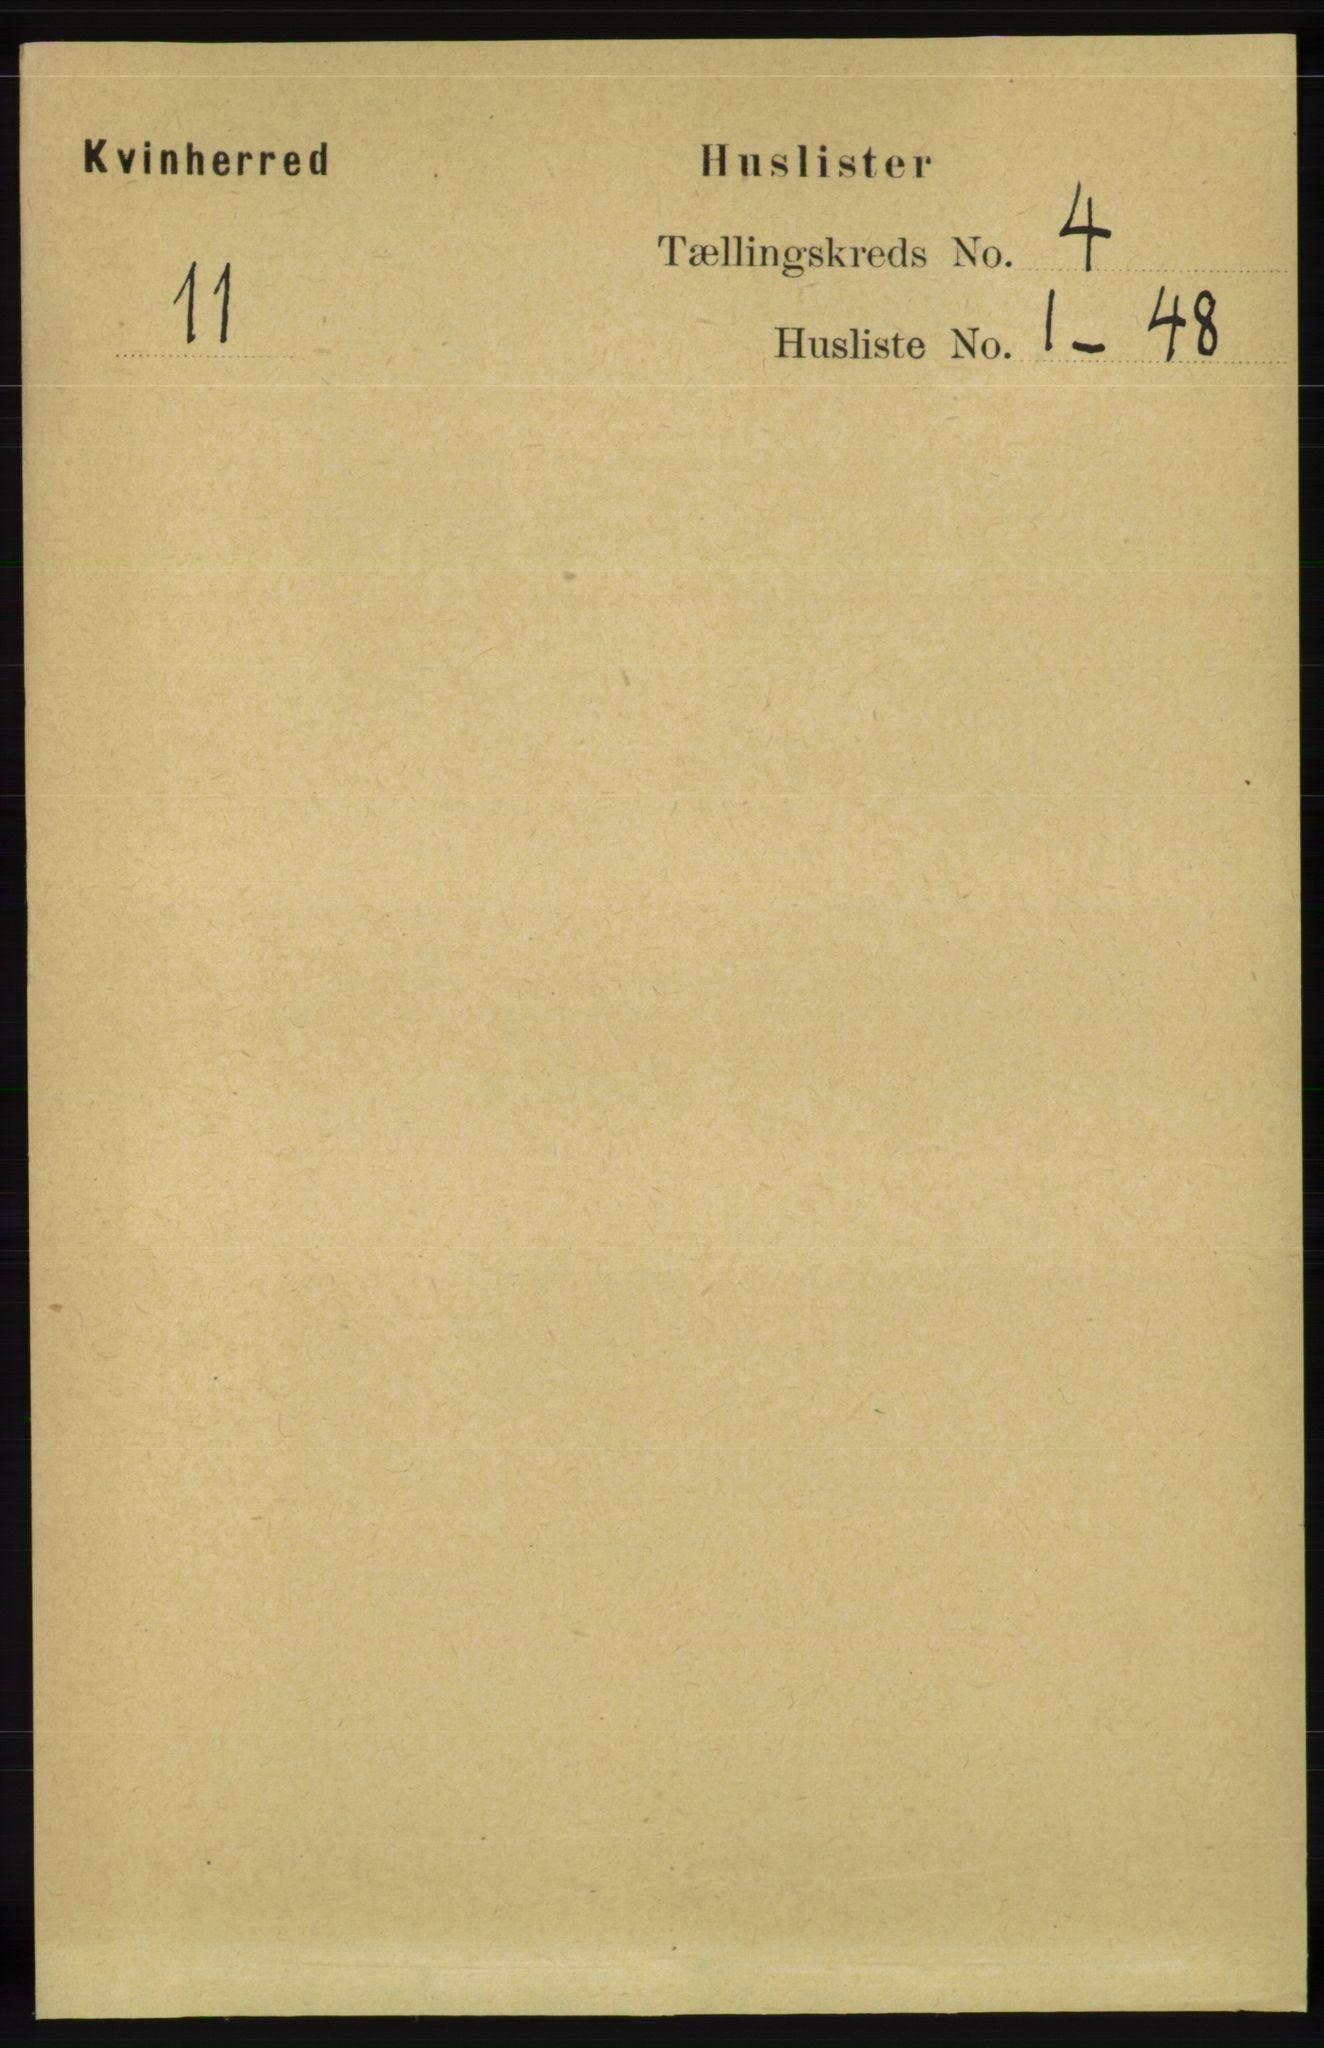 RA, Folketelling 1891 for 1224 Kvinnherad herred, 1891, s. 1333